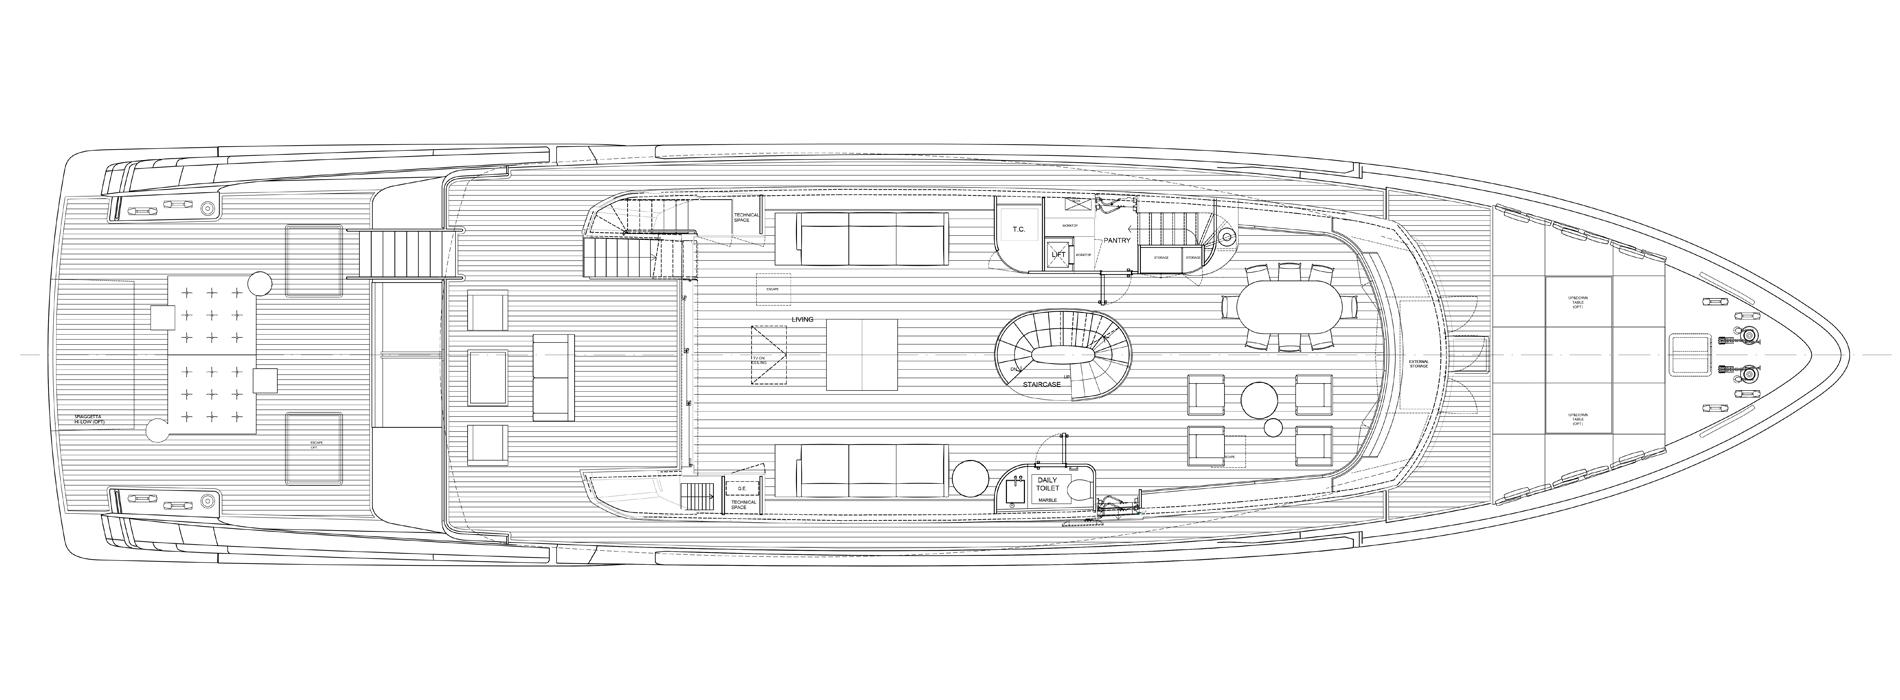 Sanlorenzo Yachts SX112 主甲板 版 A